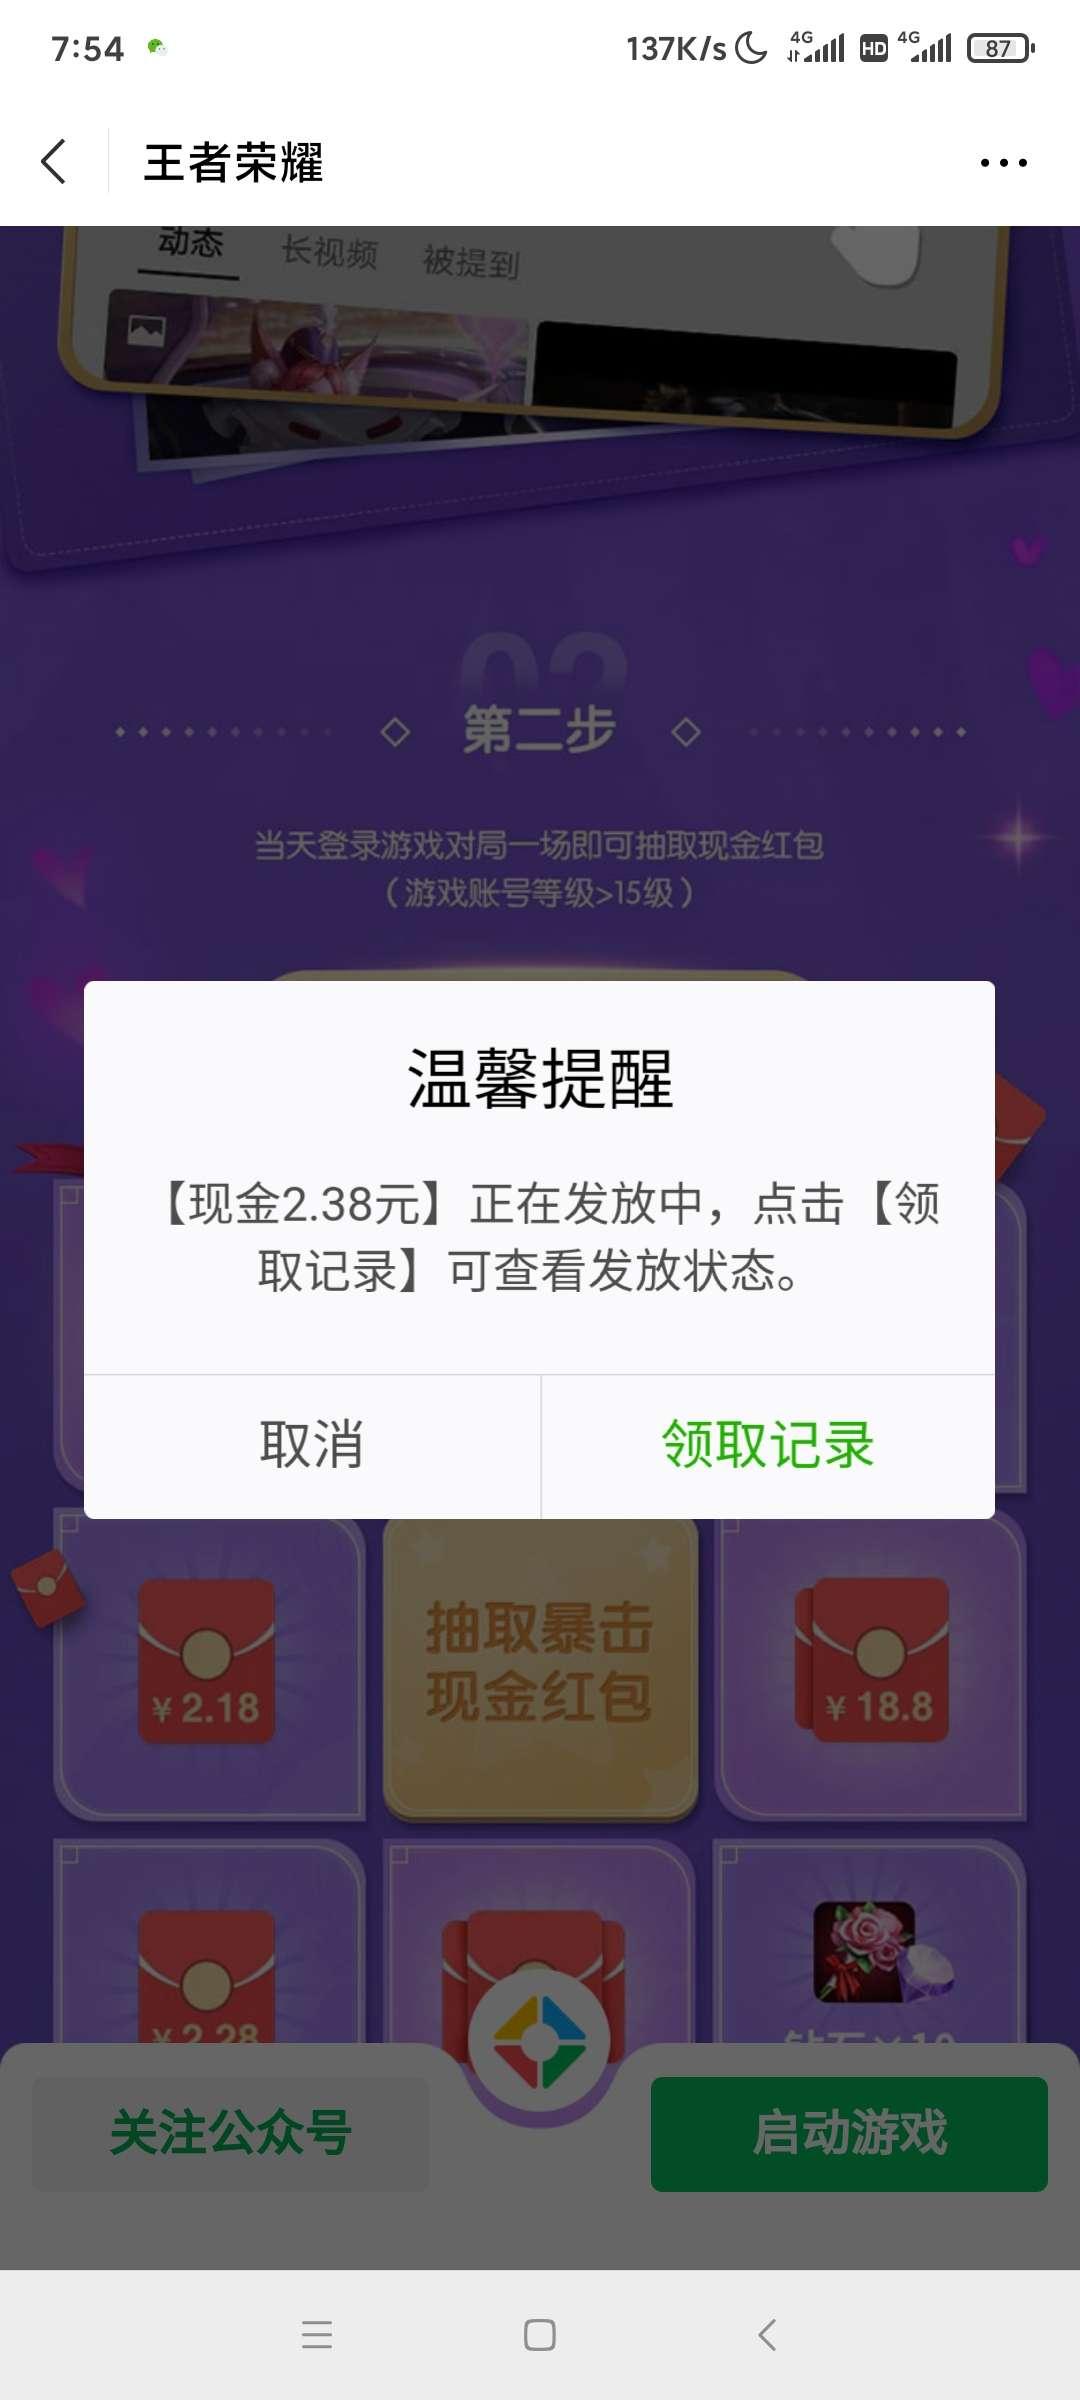 图片[3]-王者荣耀登录微信区打游戏抽红包-老友薅羊毛活动线报网